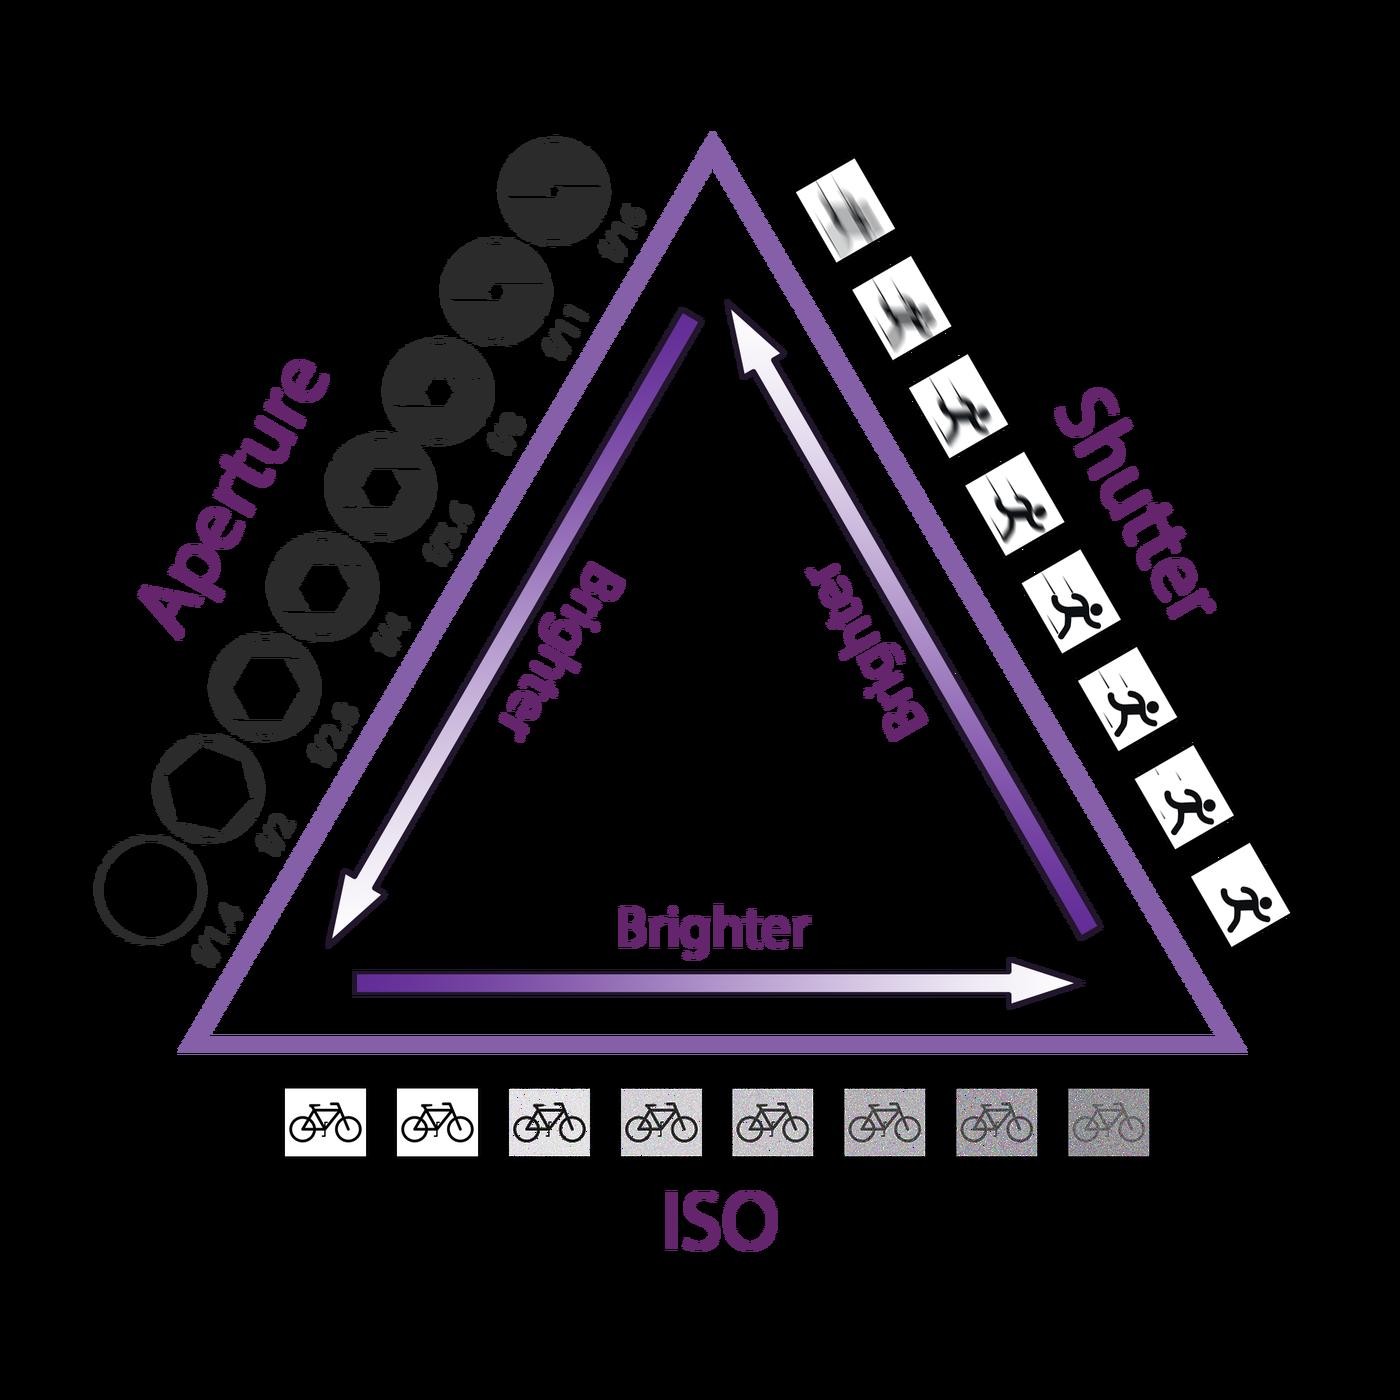 , Triangle de l'exposition : comprendre les bases de la photographie, Gabriel GORGI, Gabriel GORGI